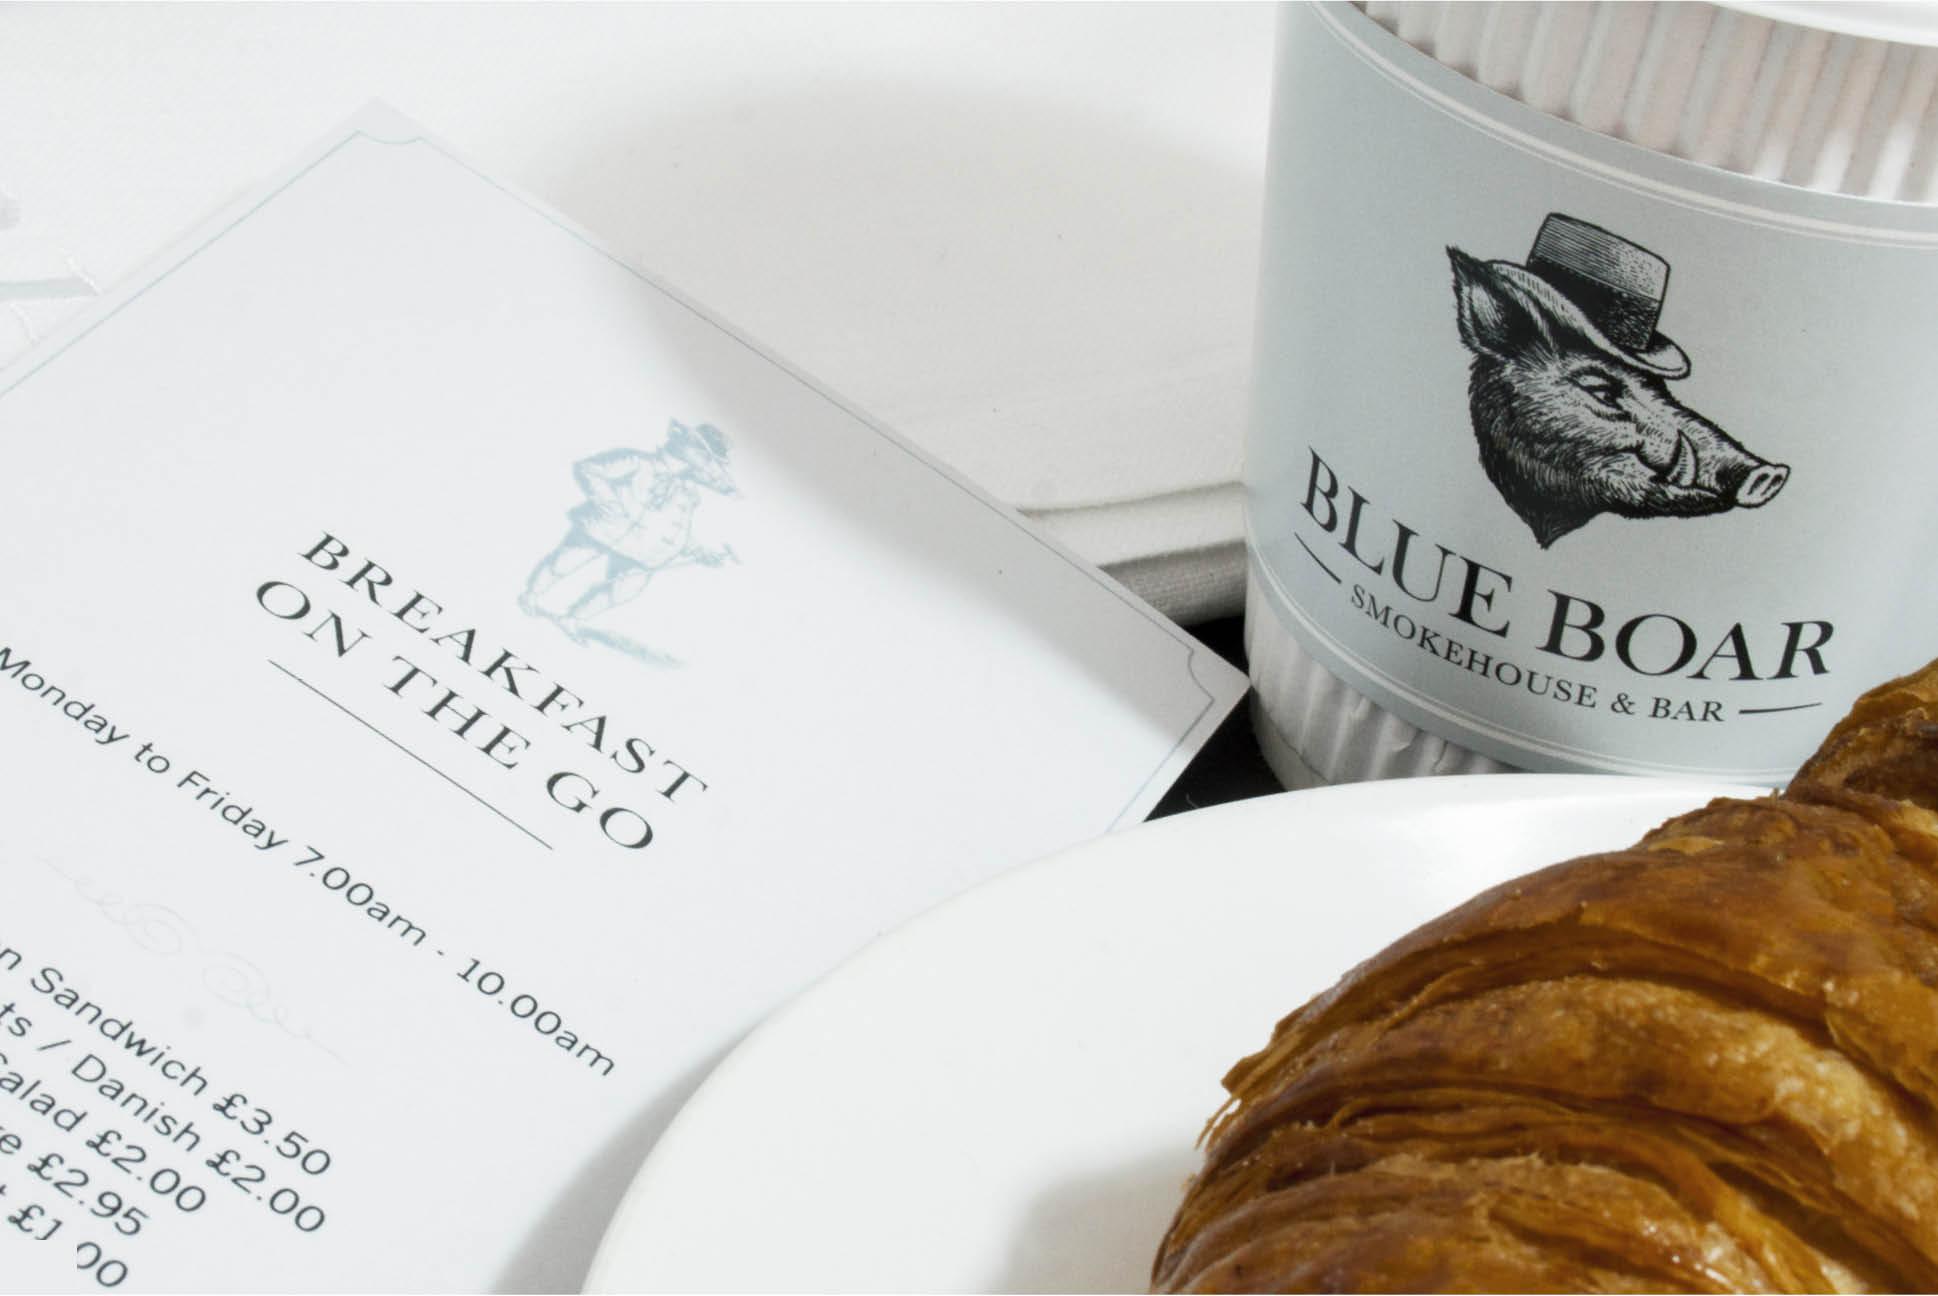 Blue Boar packaging